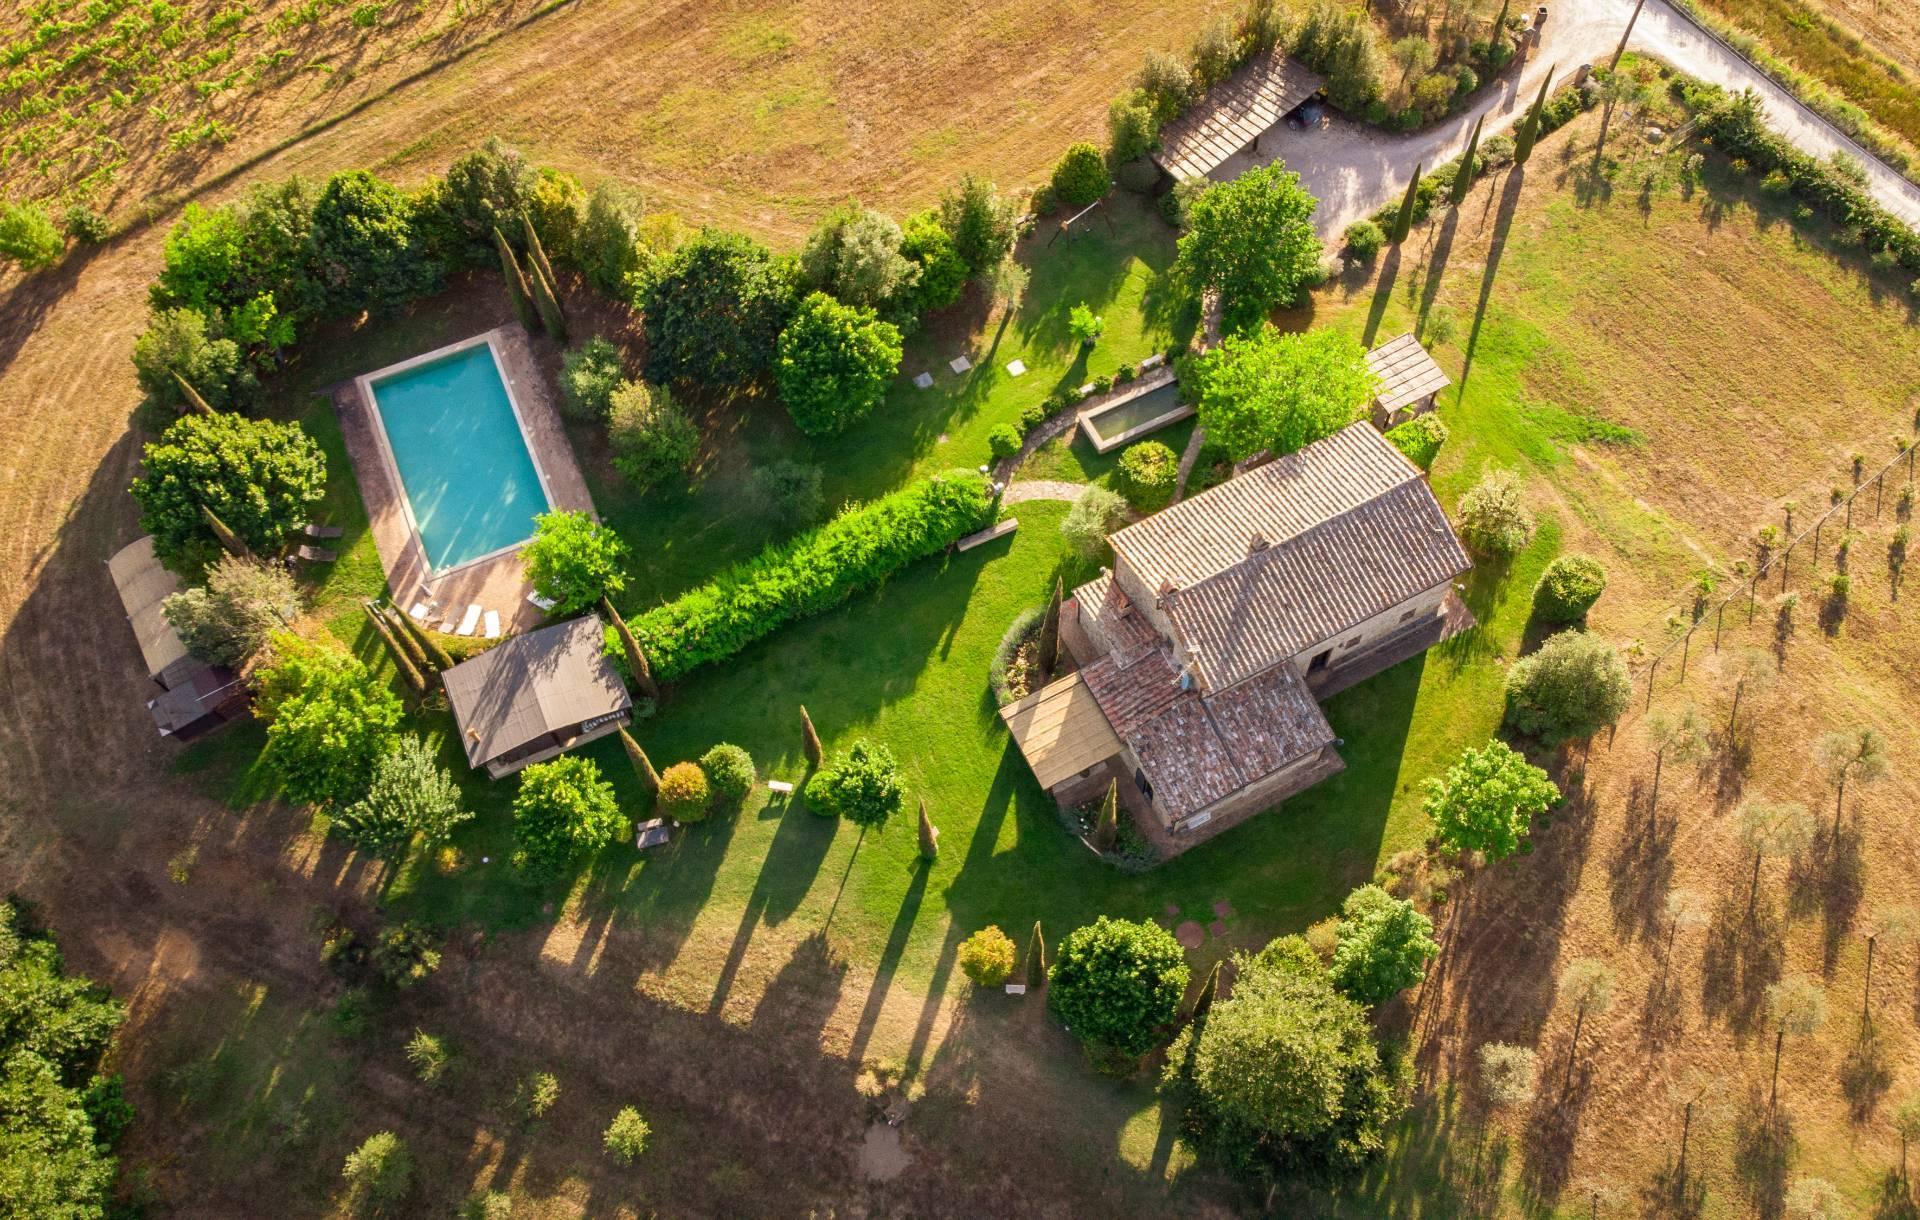 Villa in Vendita a Citta' Della Pieve: 5 locali, 300 mq - Foto 19